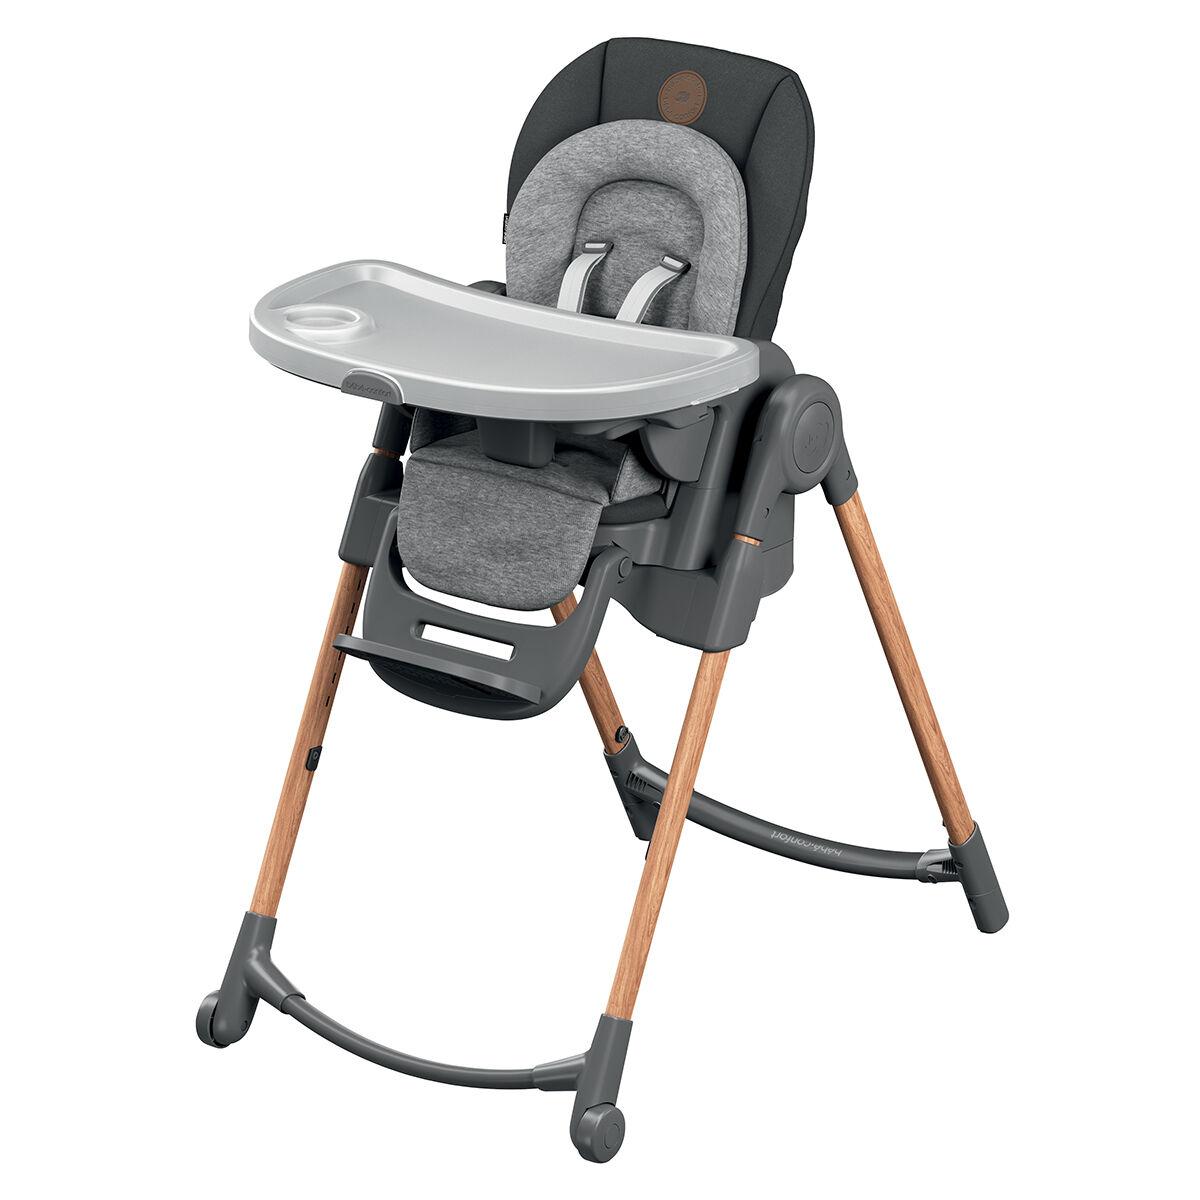 Bébé Confort Chaise Haute Minla - Essential Graphite